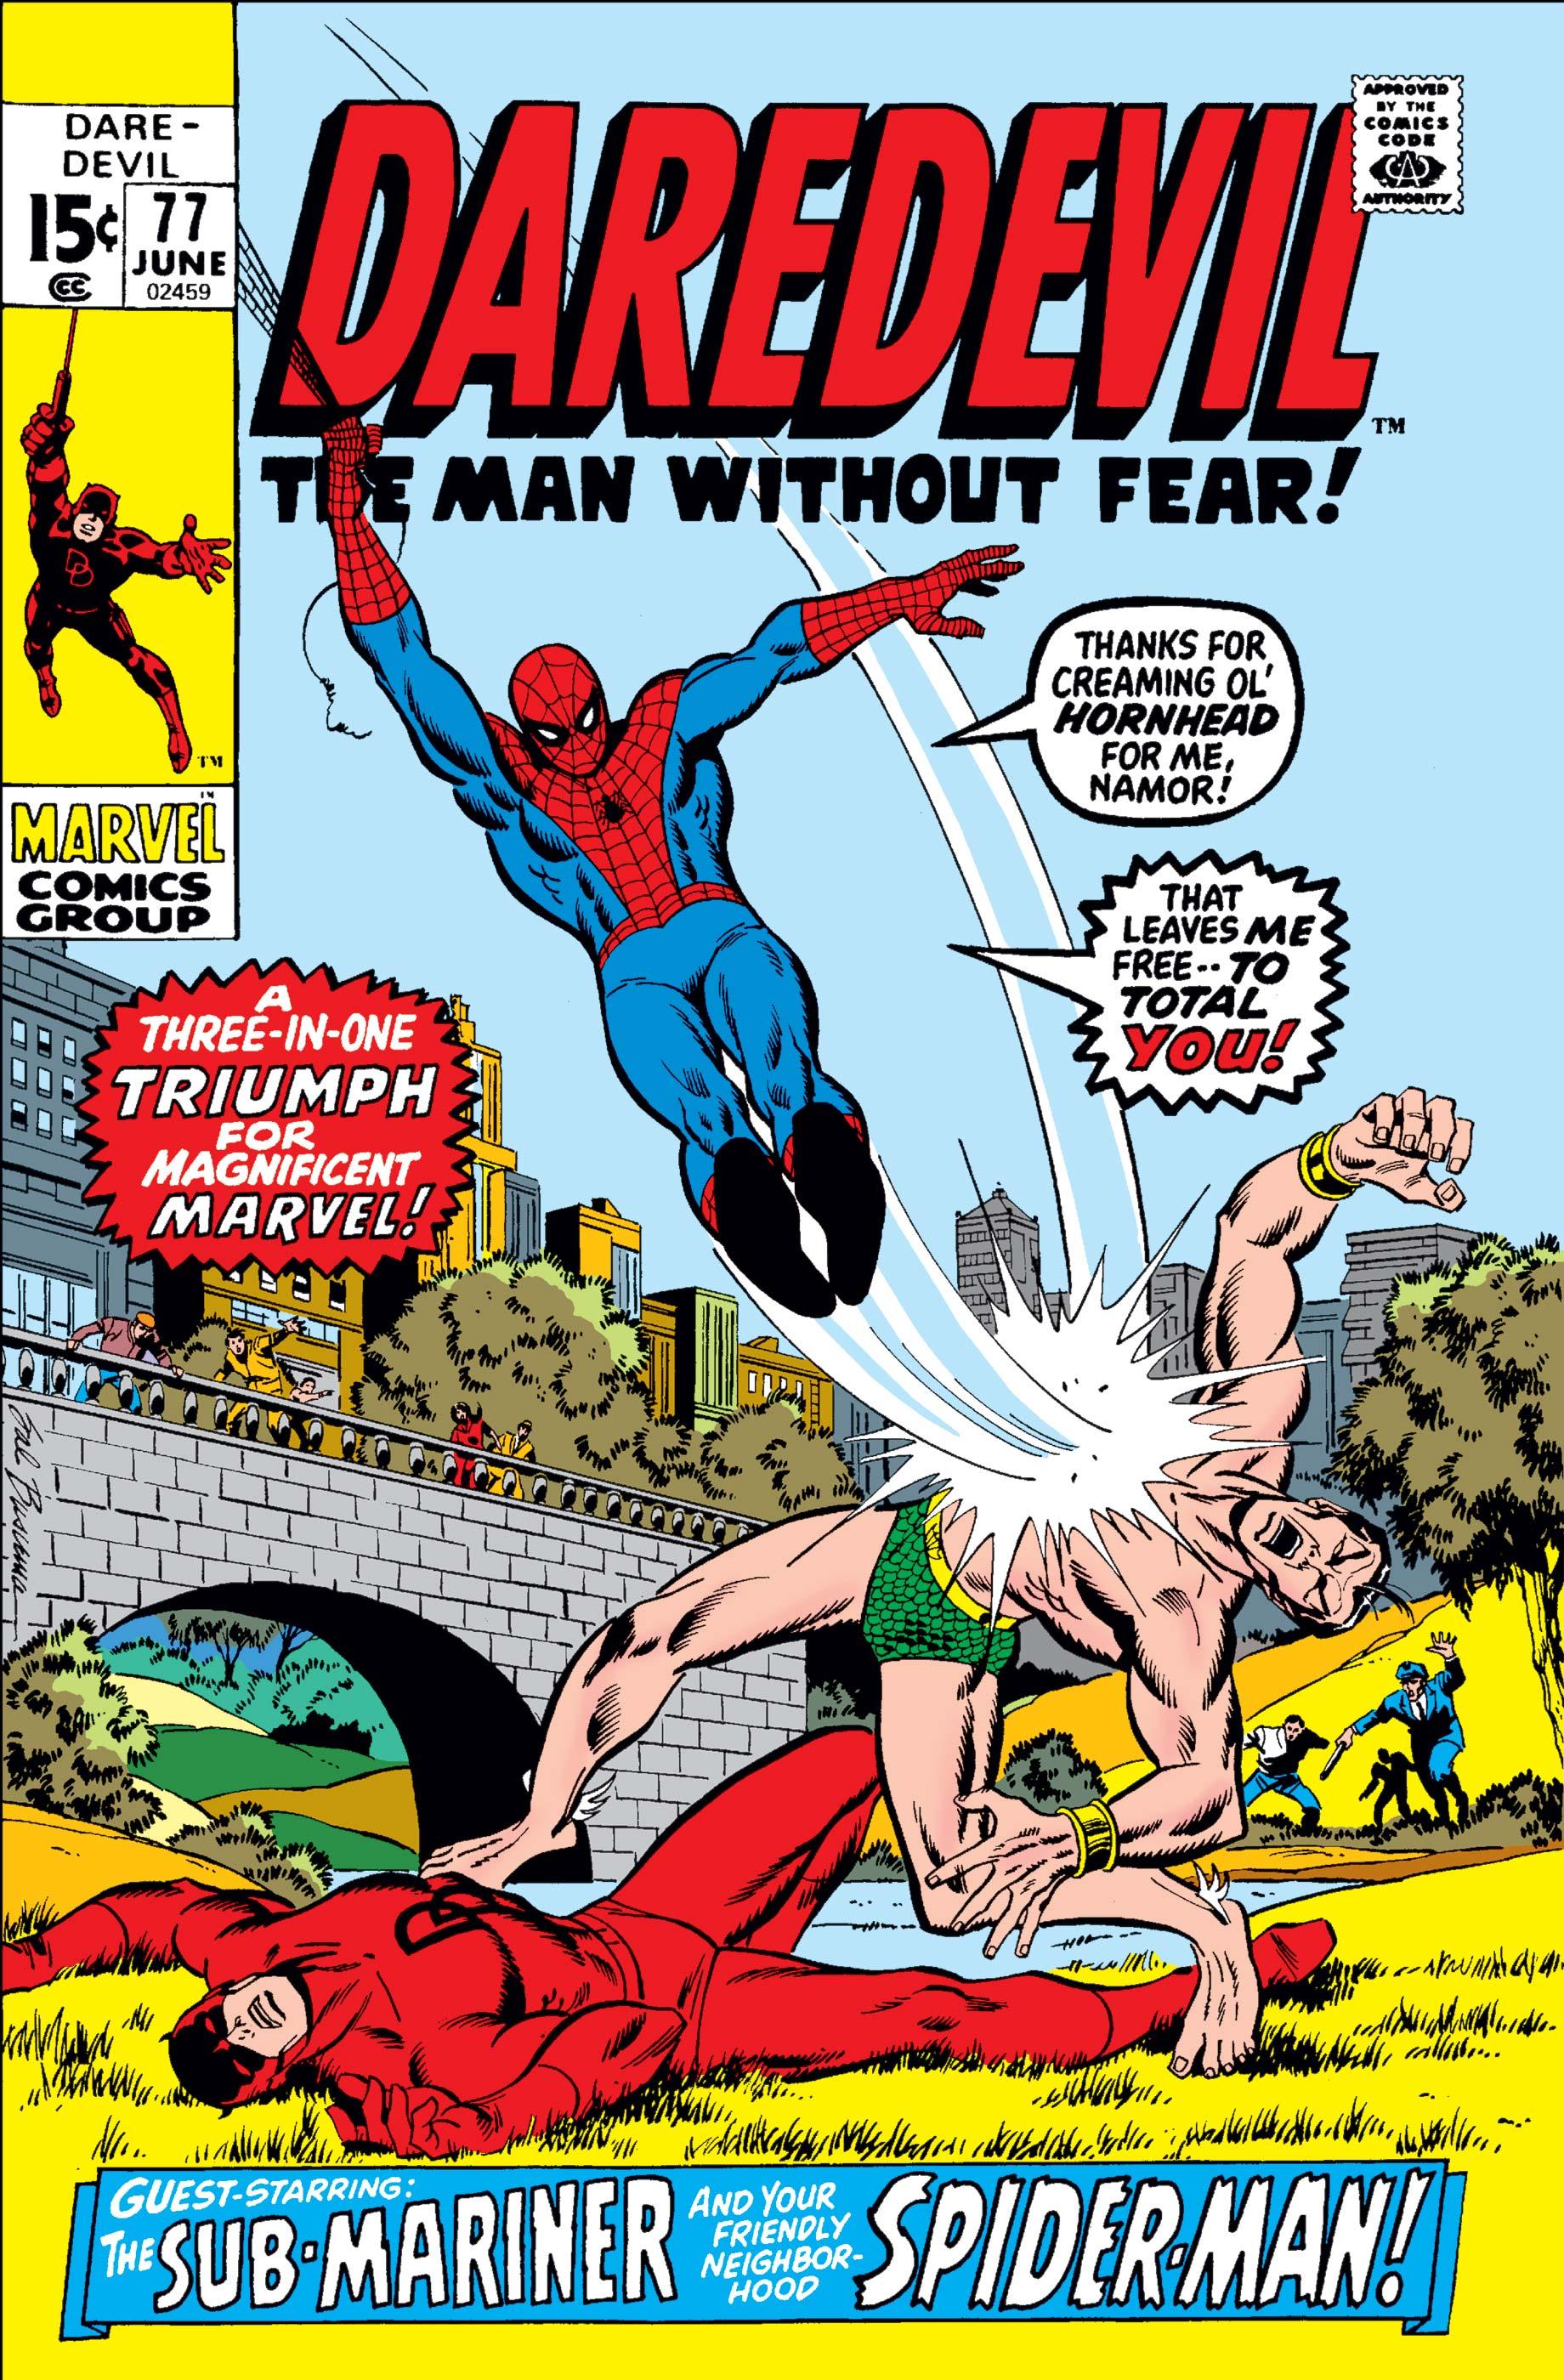 Daredevil (1964) #77